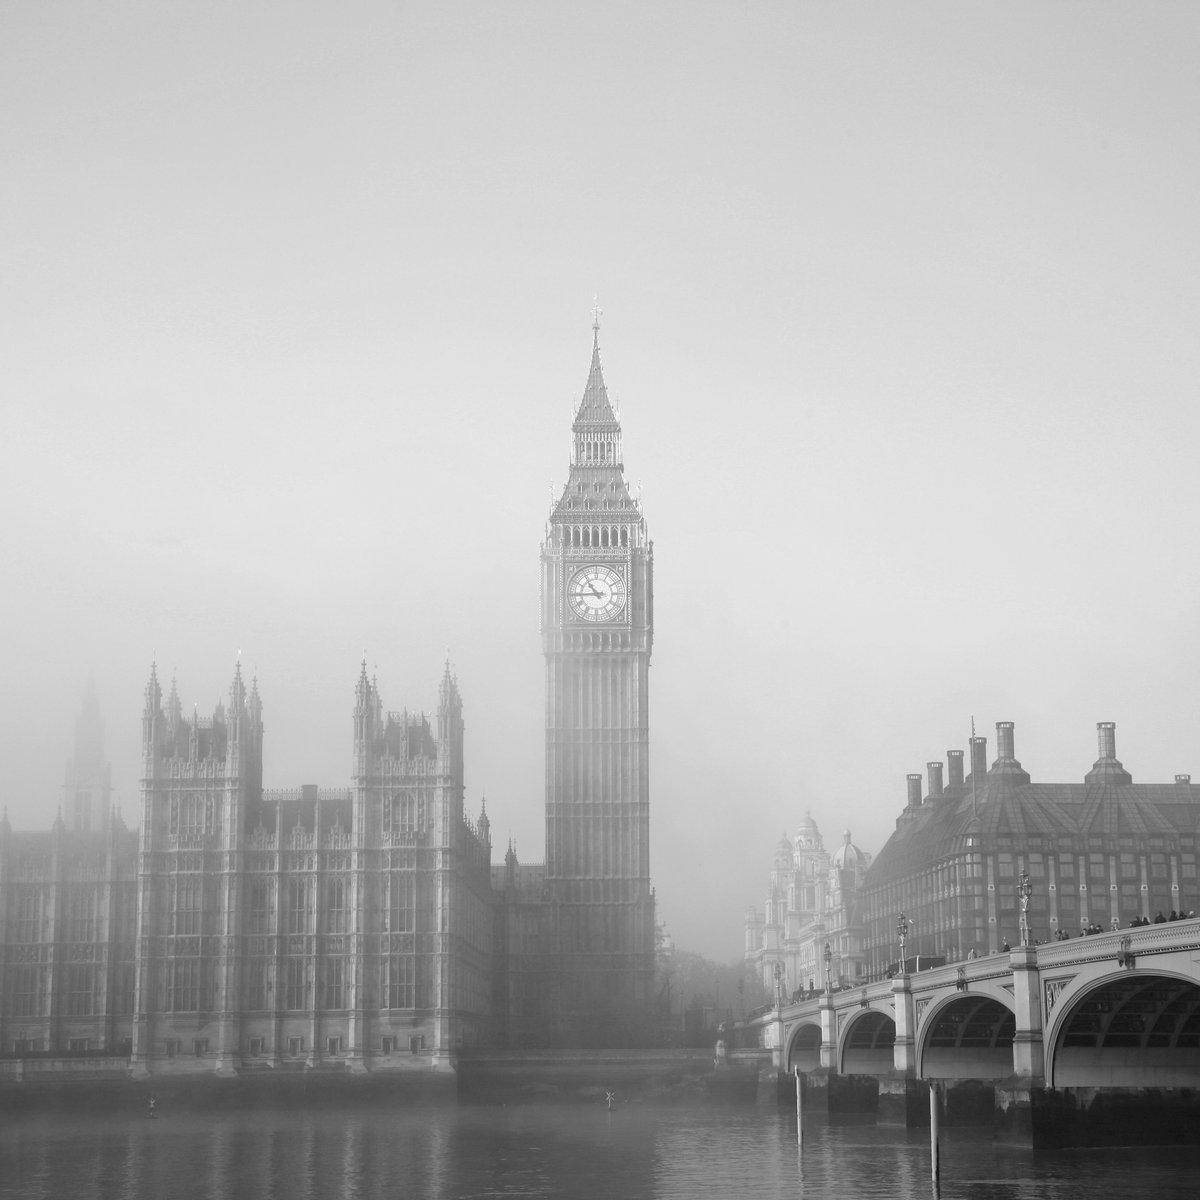 Постер Лондон Вестминстерский дворец в туманеЛондон<br>Постер на холсте или бумаге. Любого нужного вам размера. В раме или без. Подвес в комплекте. Трехслойная надежная упаковка. Доставим в любую точку России. Вам осталось только повесить картину на стену!<br>